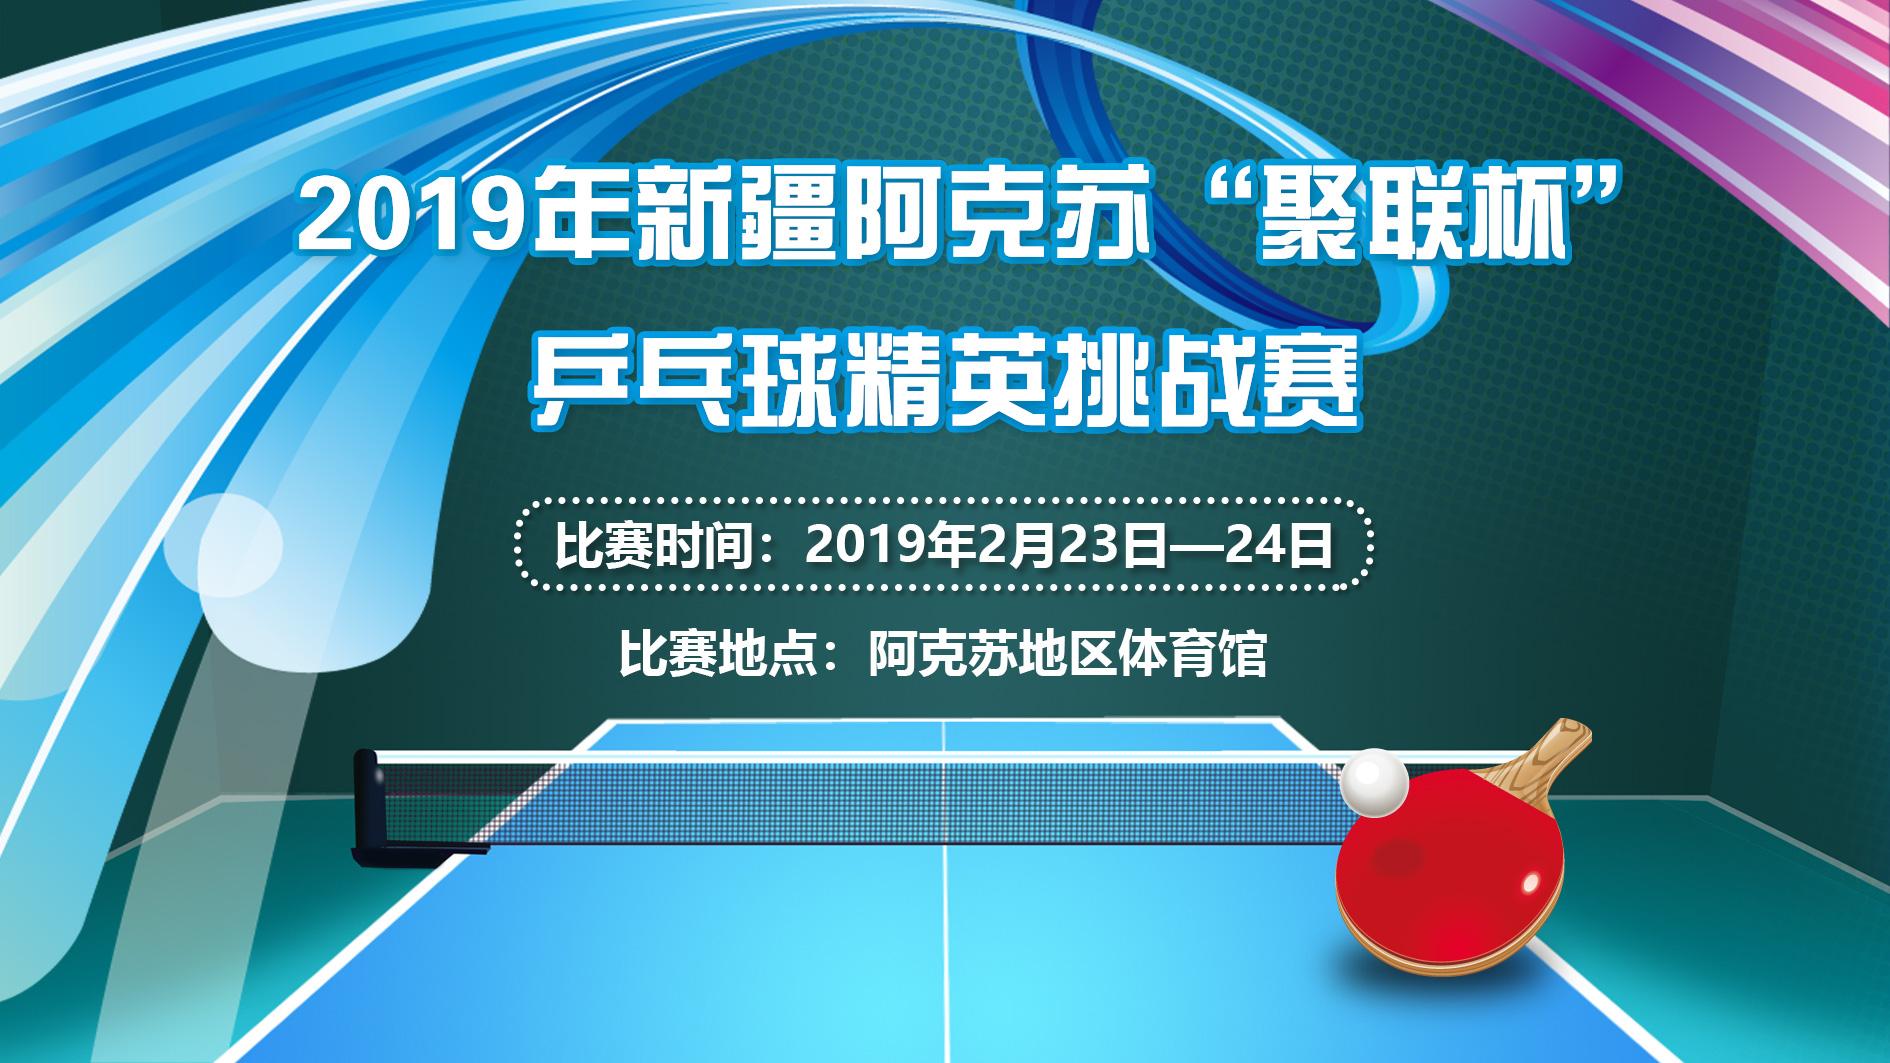 """2019年新疆阿克苏""""聚联杯""""乒乓球精英挑战赛"""